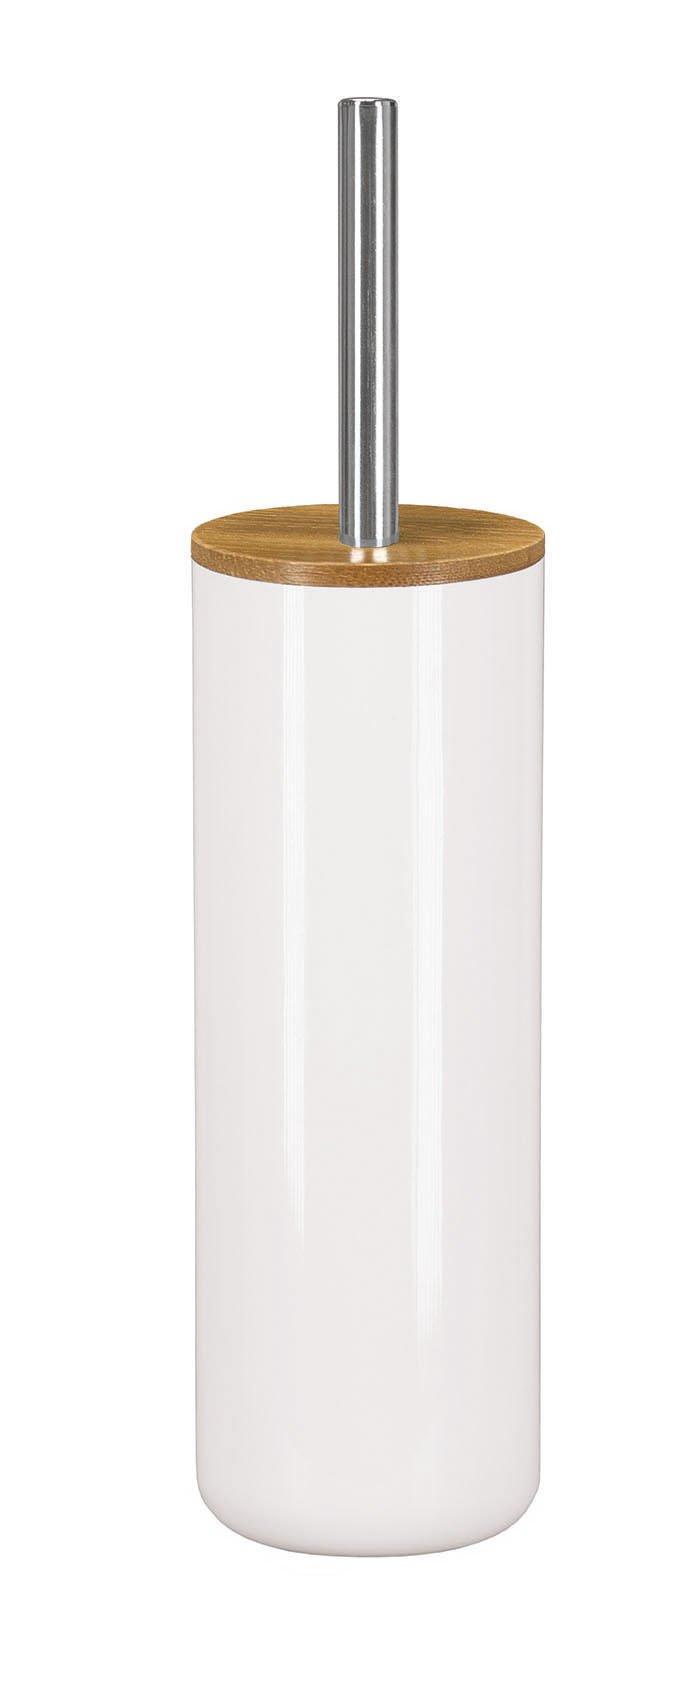 WC-Bürstenhalter Timber Weiss B:9,1cm